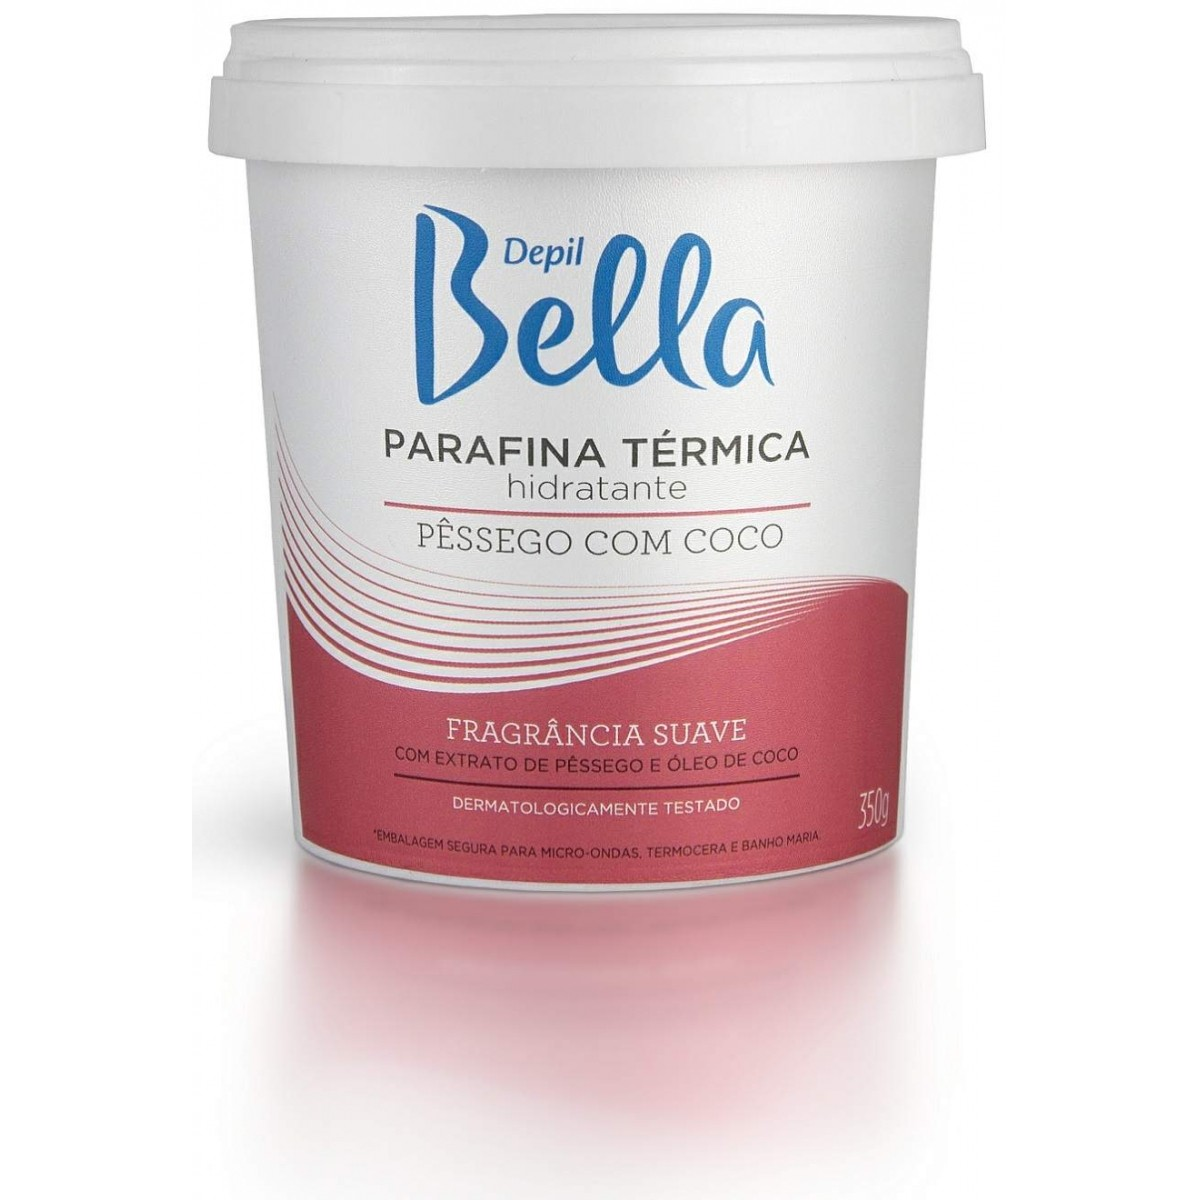 Parafina para Hidratação das Mãos e Pés Depil Bella